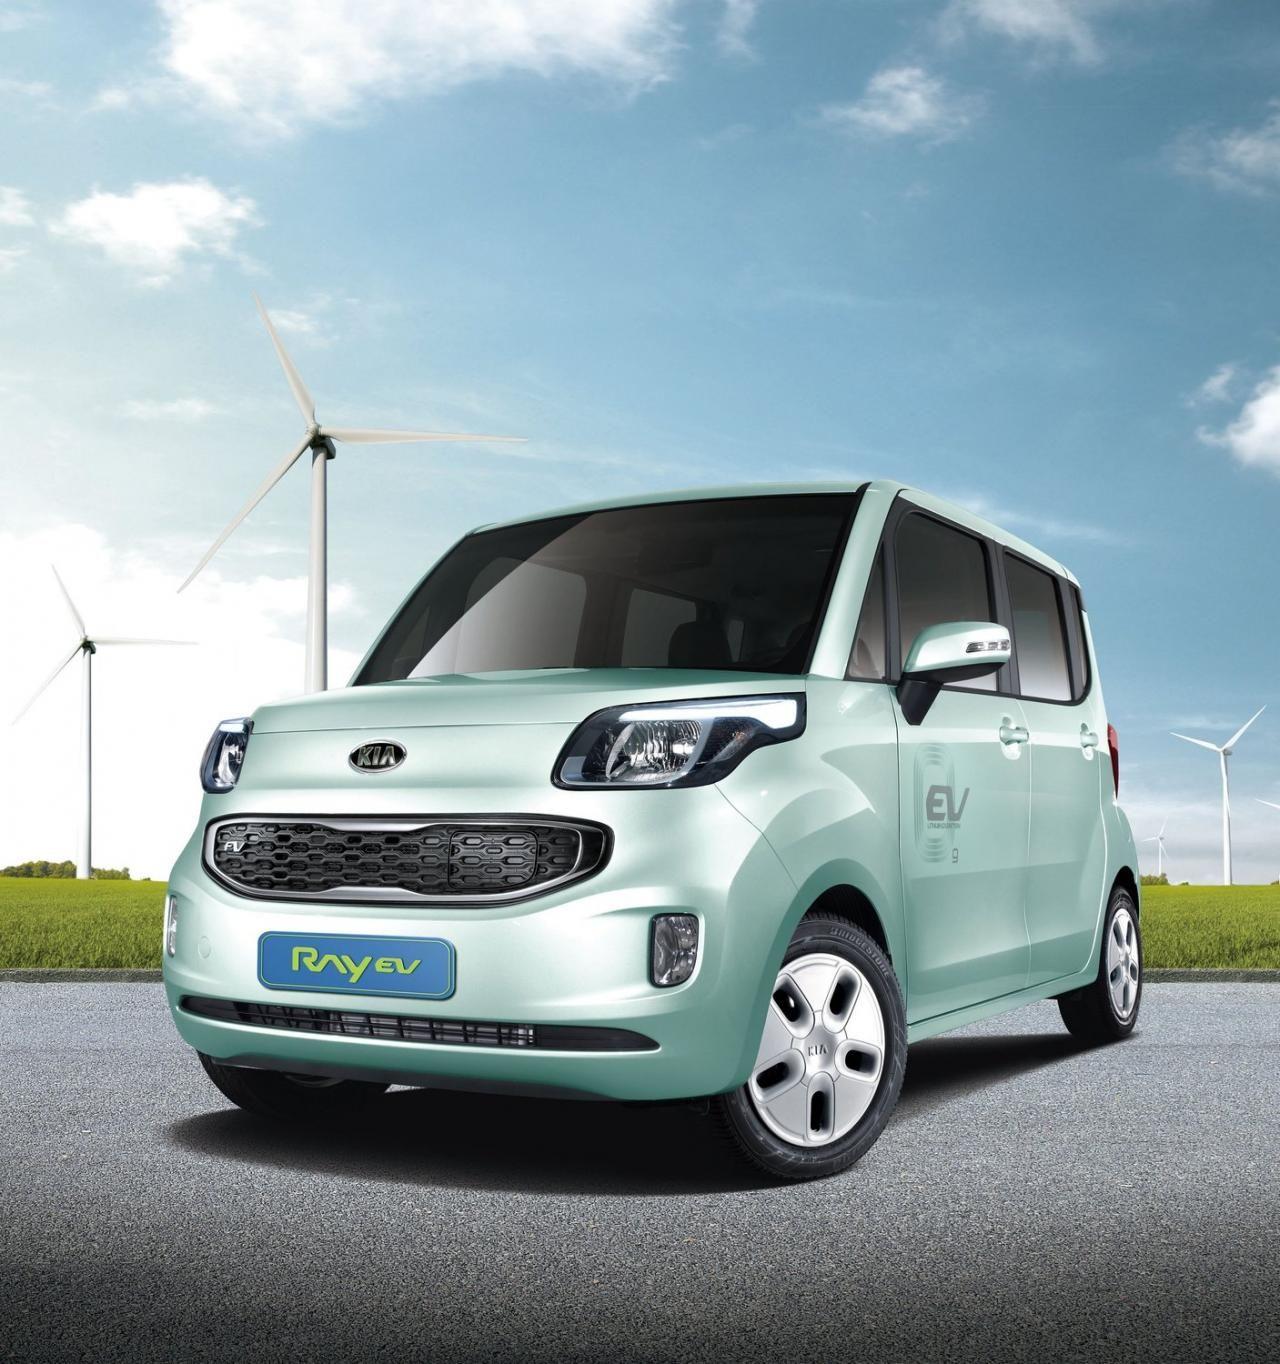 Kia Planiruet Postroit 2500 Elektromobilej Ray Ev Kia Motors